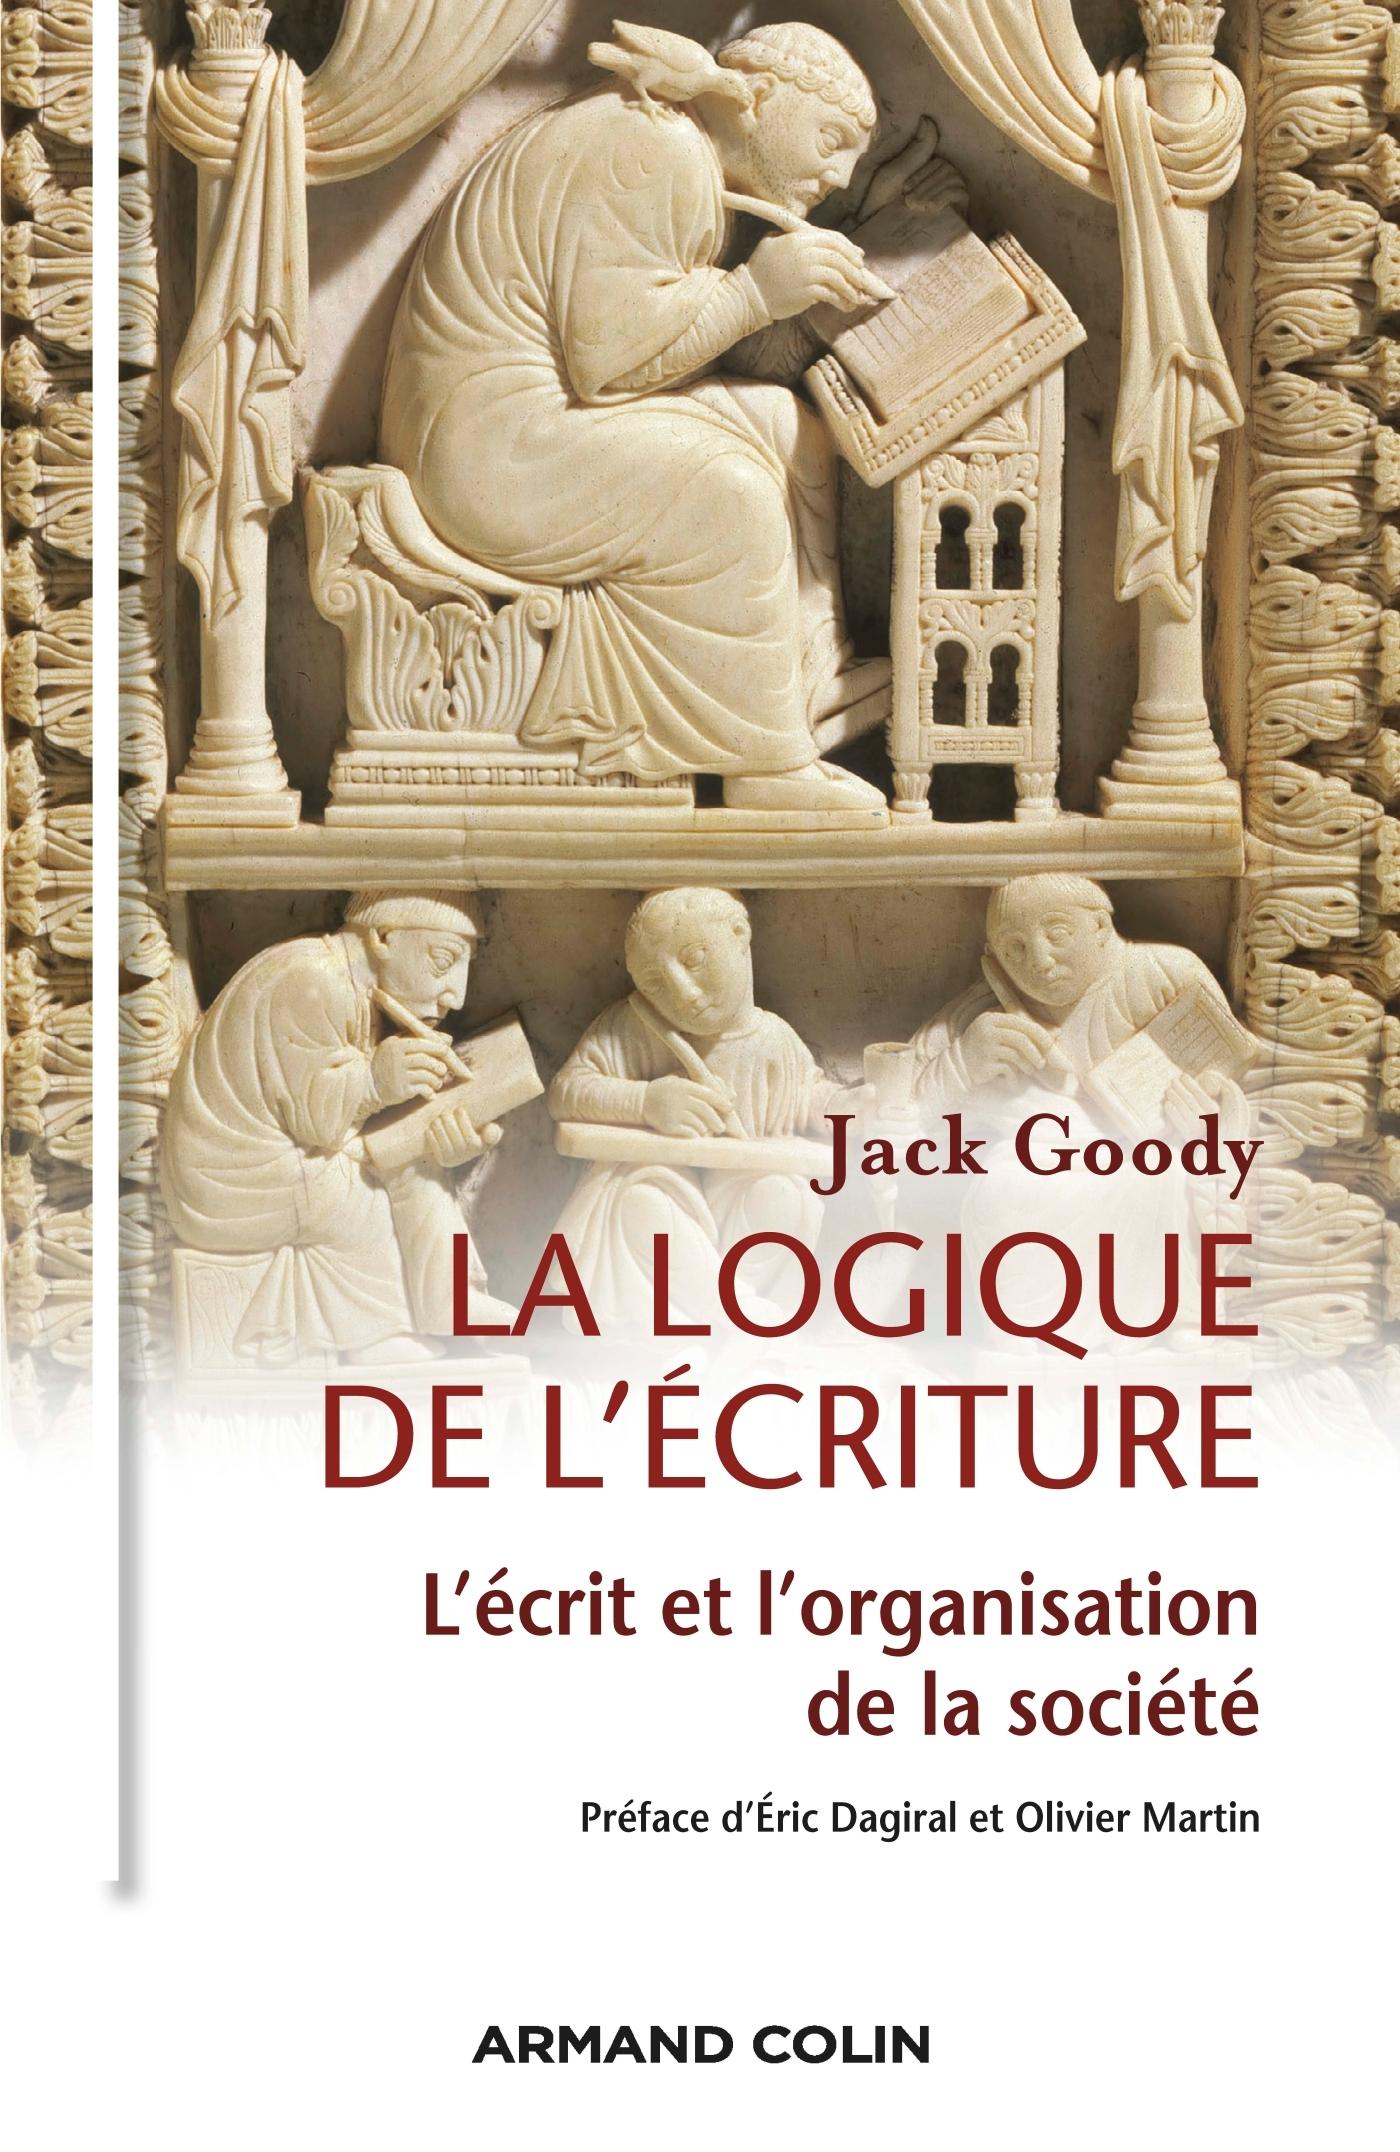 LA LOGIQUE DE L'ECRITURE - L'ECRIT ET L'ORGANISATION DE LA SOCIETE